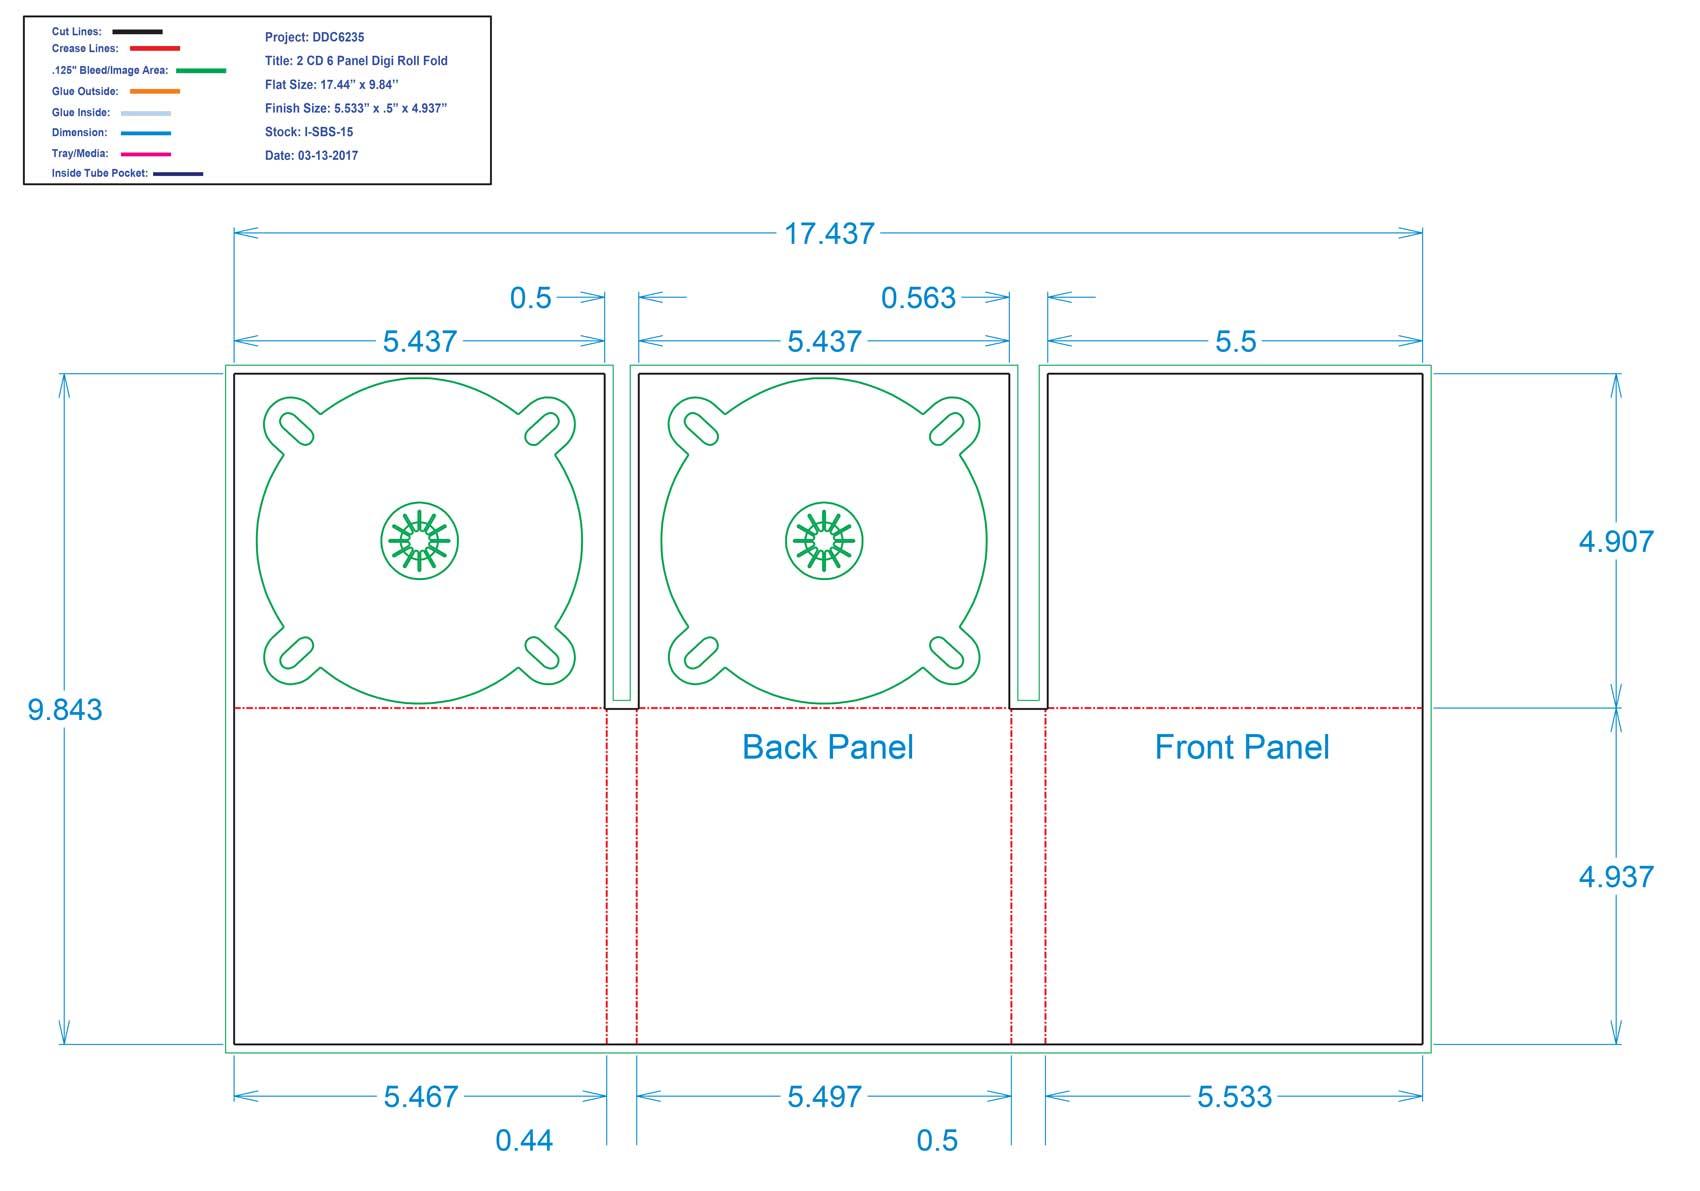 DDC6235 - 6 Panel Digi Two Trays Roll Fold